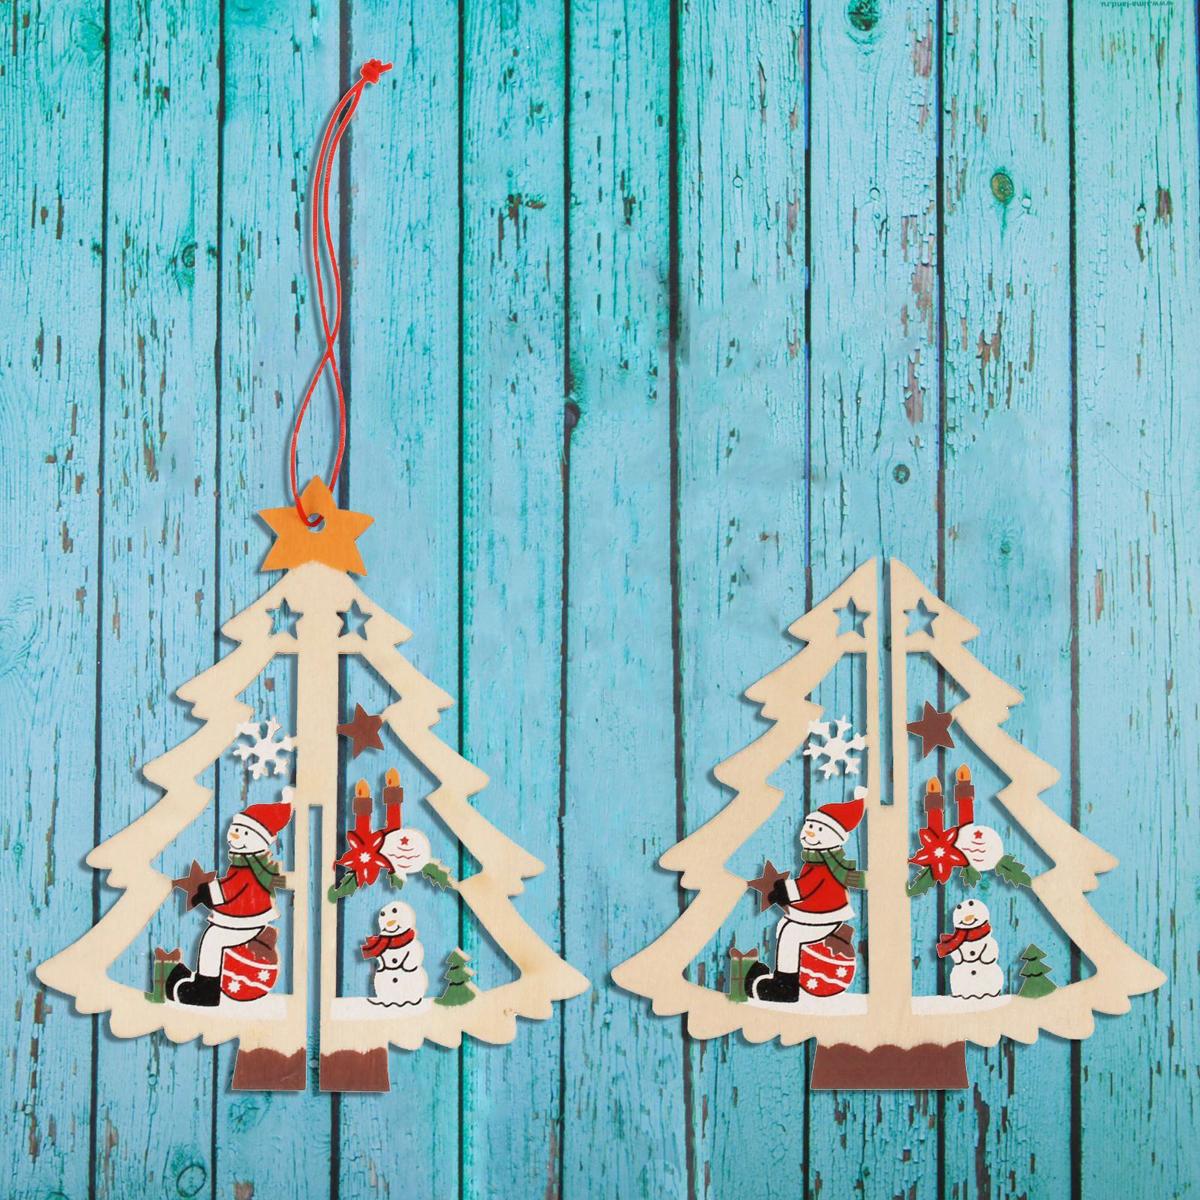 Украшение новогоднее подвесное Sima-land Снеговик на ёлке, 10 см х 10 см х 11 см1392714Новогодние украшения Sima-land изготовлены из пластика. Изделия имеют плотный корпус, поэтому не разобьются при падении.Невозможно представить нашу жизнь без праздников! Новогодние украшения несут в себе волшебство и красоту праздника. Создайте в своем доме атмосферу тепла, веселья и радости, украшая его всей семьей.